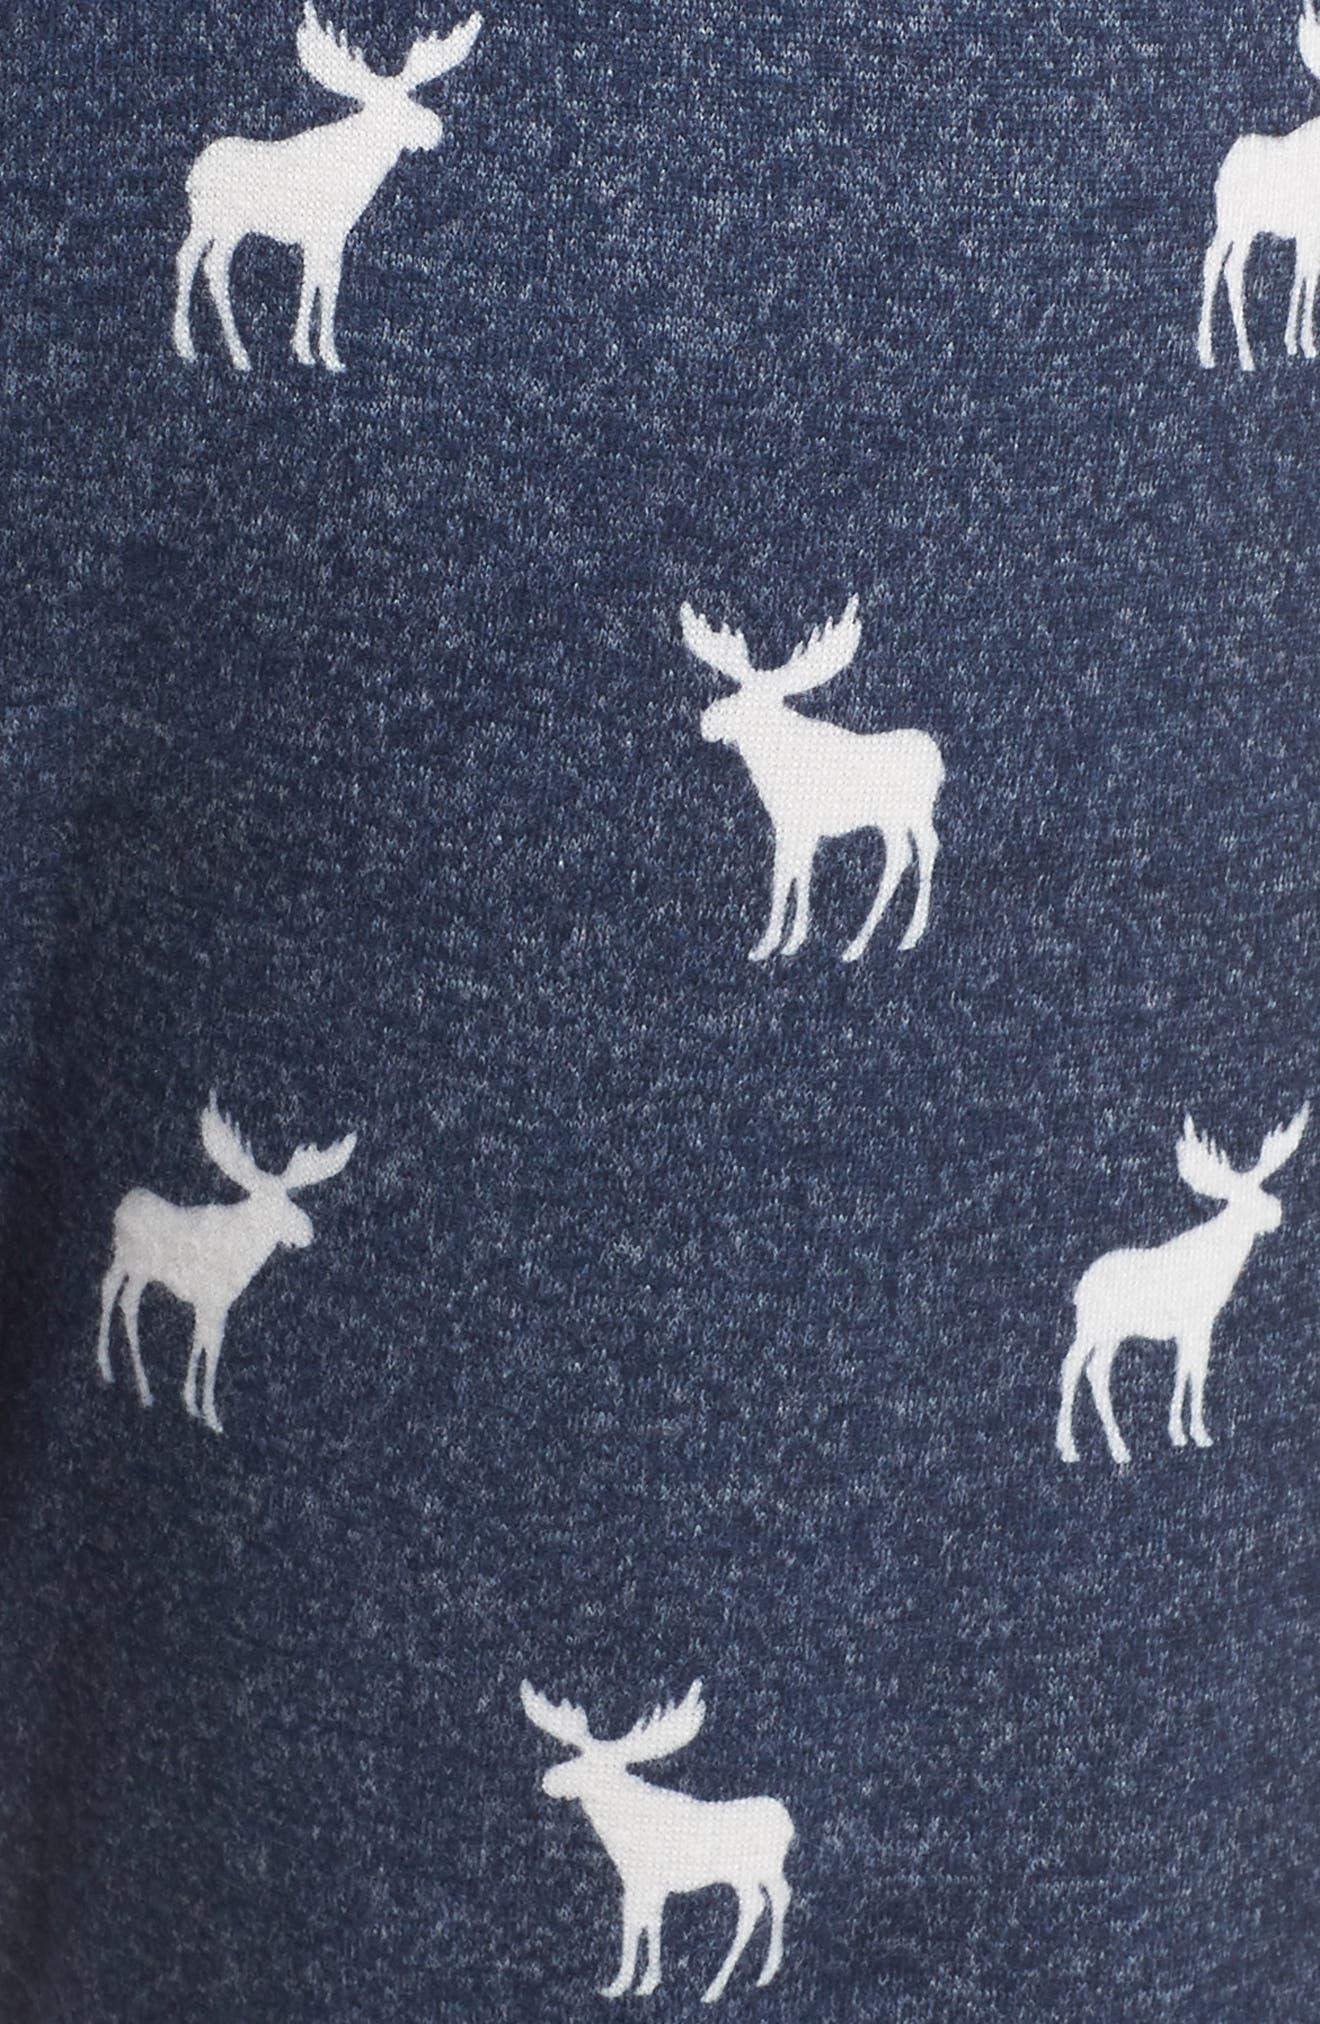 Moose Print Banded Pajama Pants,                             Alternate thumbnail 5, color,                             NAVY